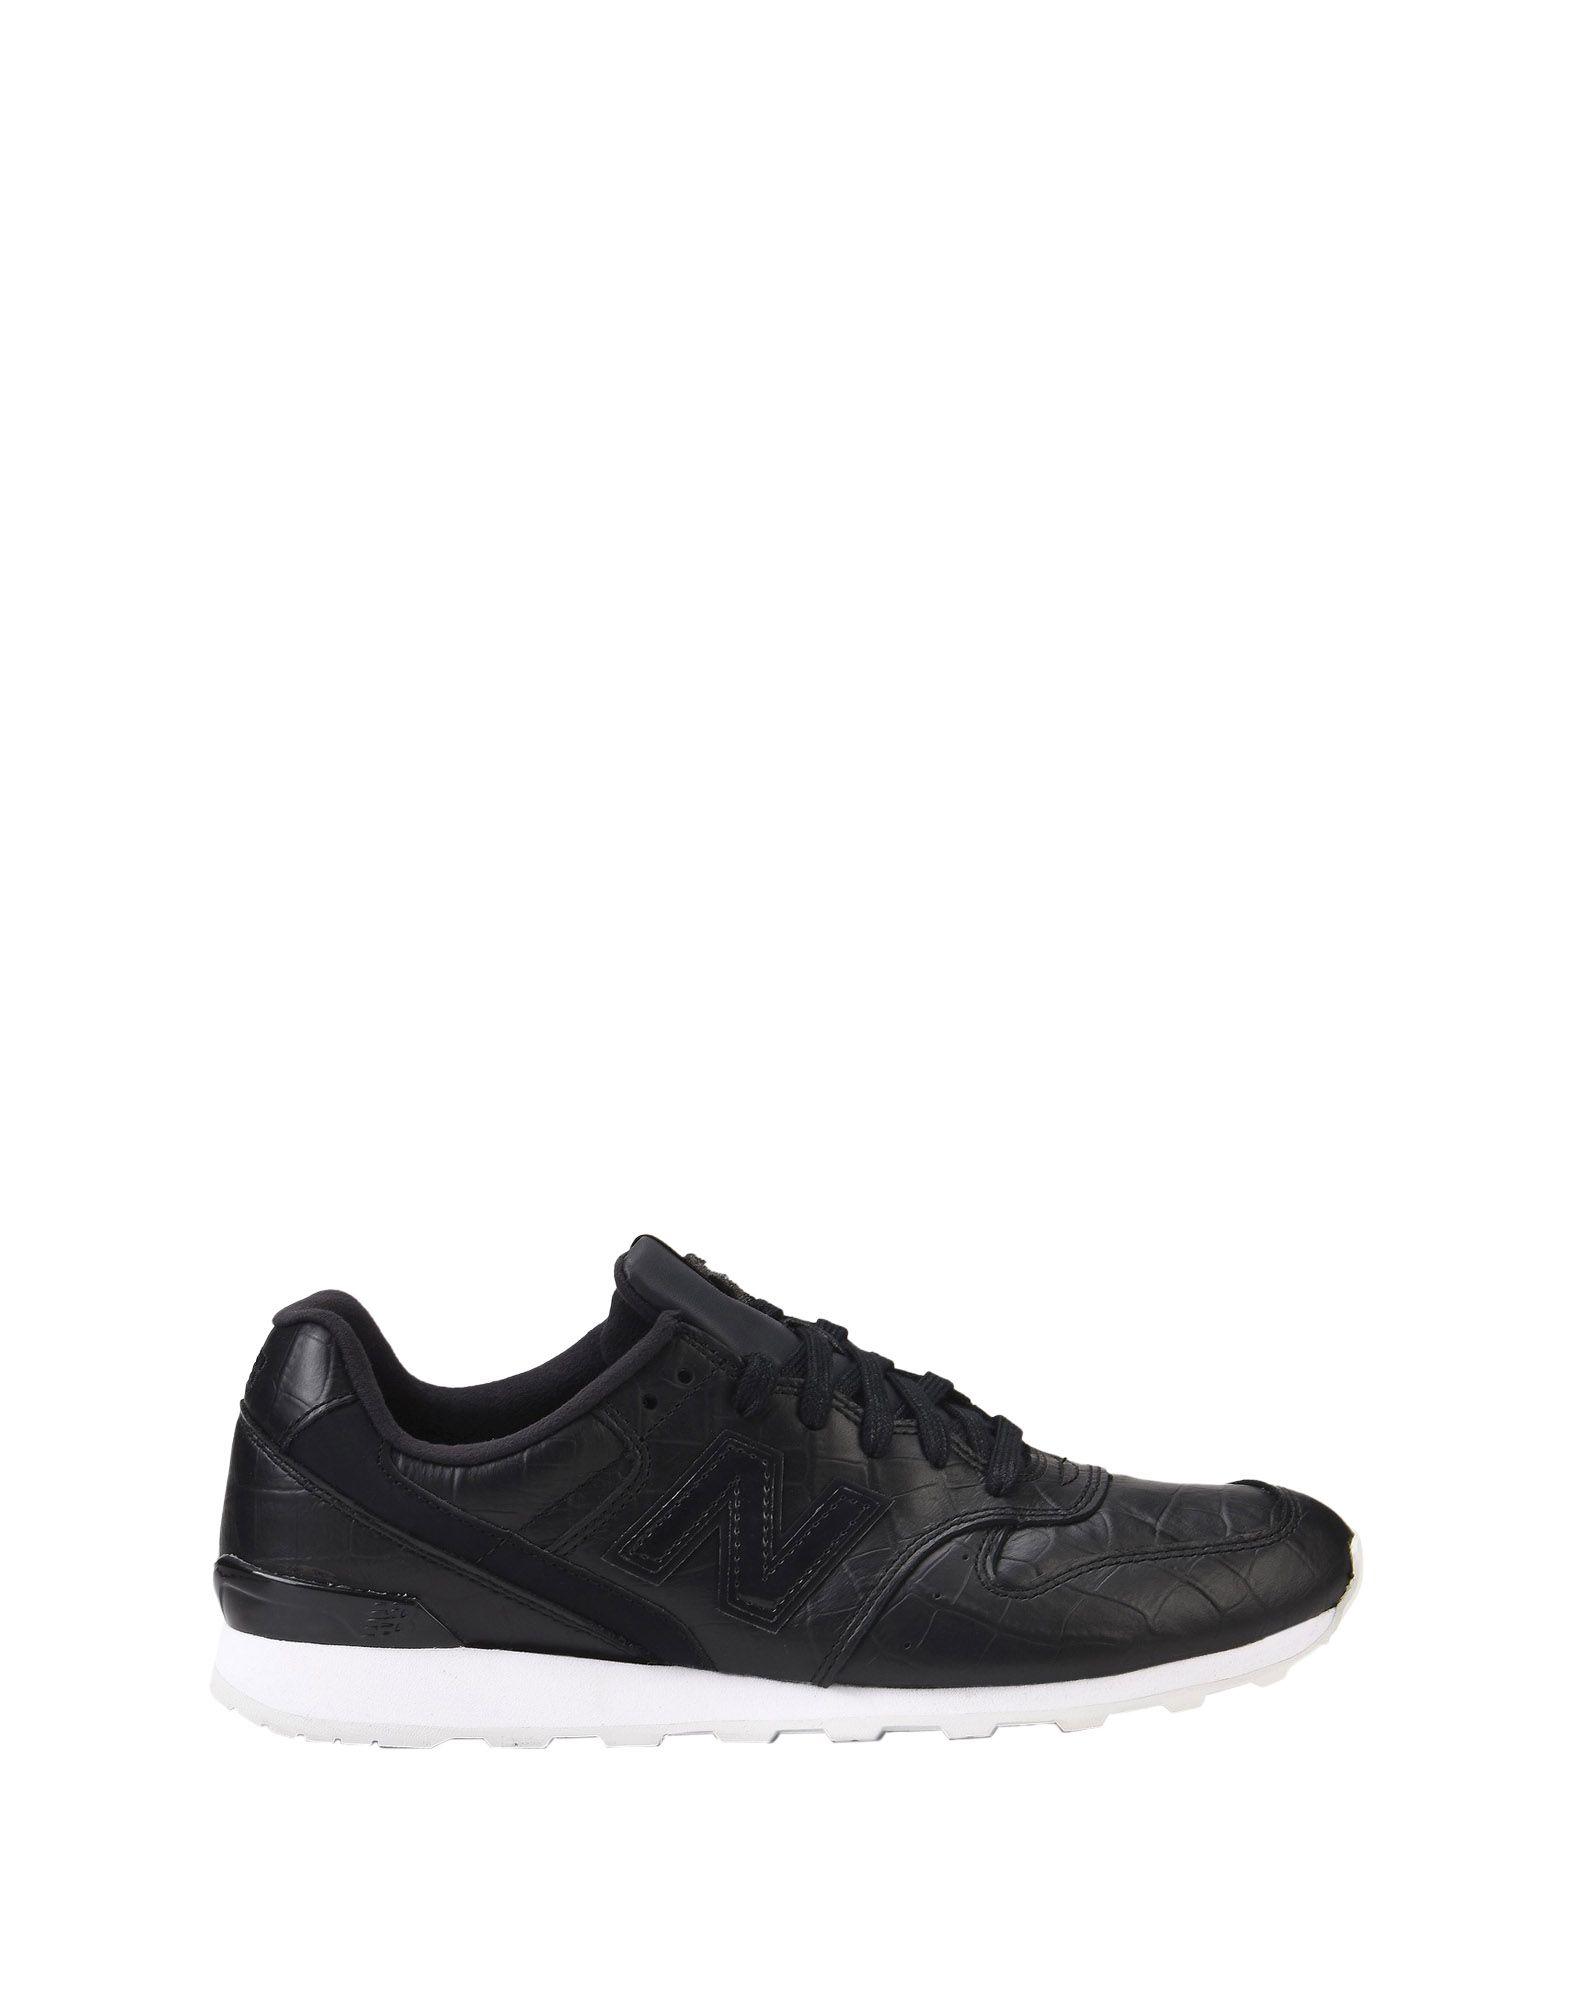 Gut um Print billige Schuhe zu tragenNew Balance 996 Animal Print um Leather  11393069JL 8bdc09